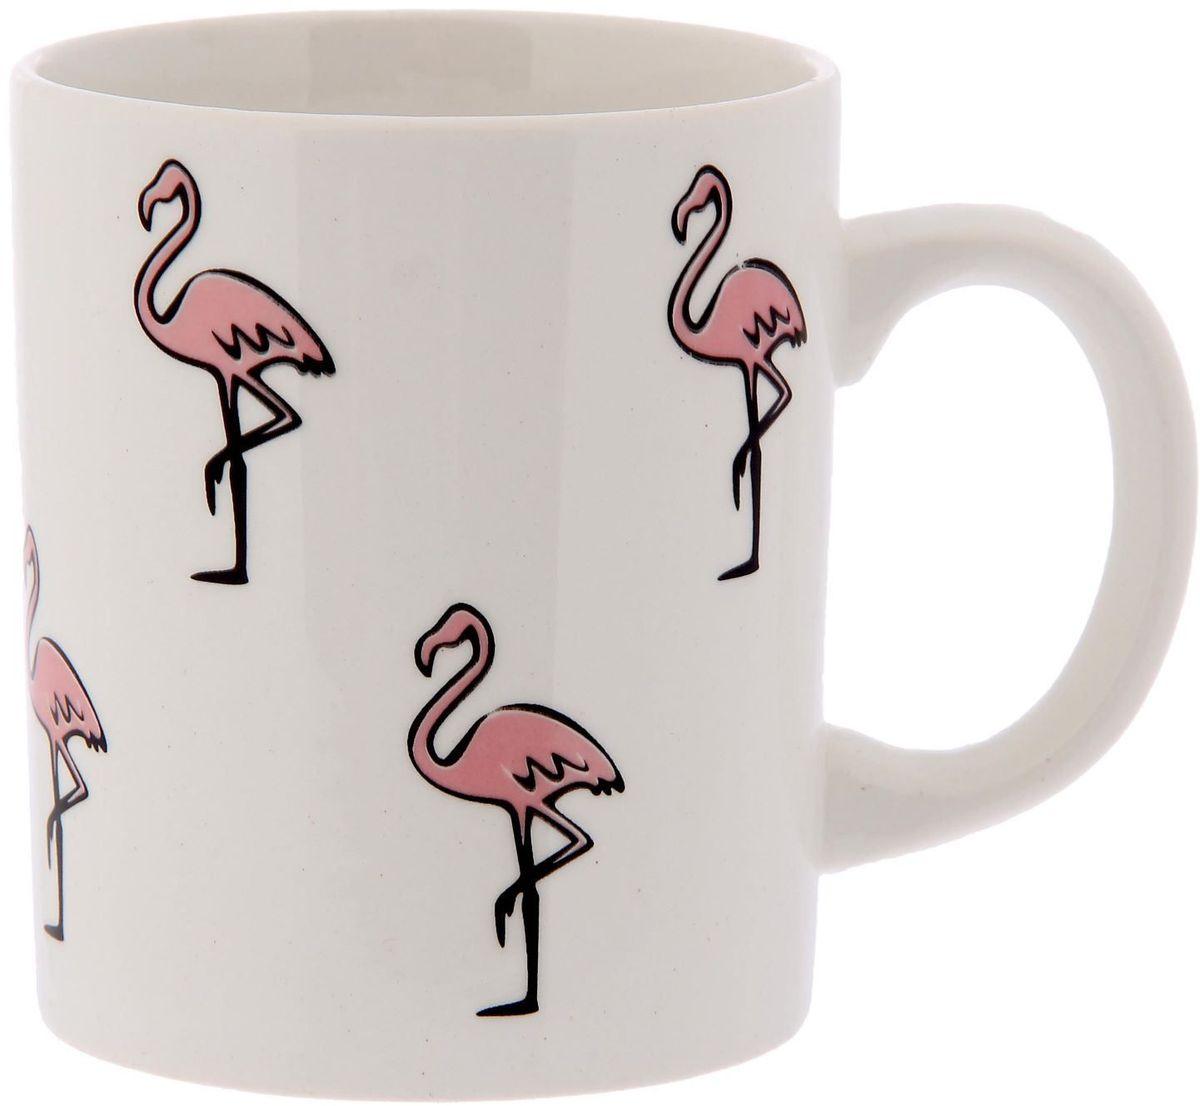 Кружка Сотвори чудо Розовый фламинго, 320 мл2277841Хотите обновить интерьер кухни или гостиной? Устраиваете необычную фотосессию или тематический праздник? А может, просто ищете подарок для близкого человека?Кружка станет любимым аксессуаром на долгие годы. Относитесь к изделию бережно, и оно будет дарить прекрасное настроение каждый день!